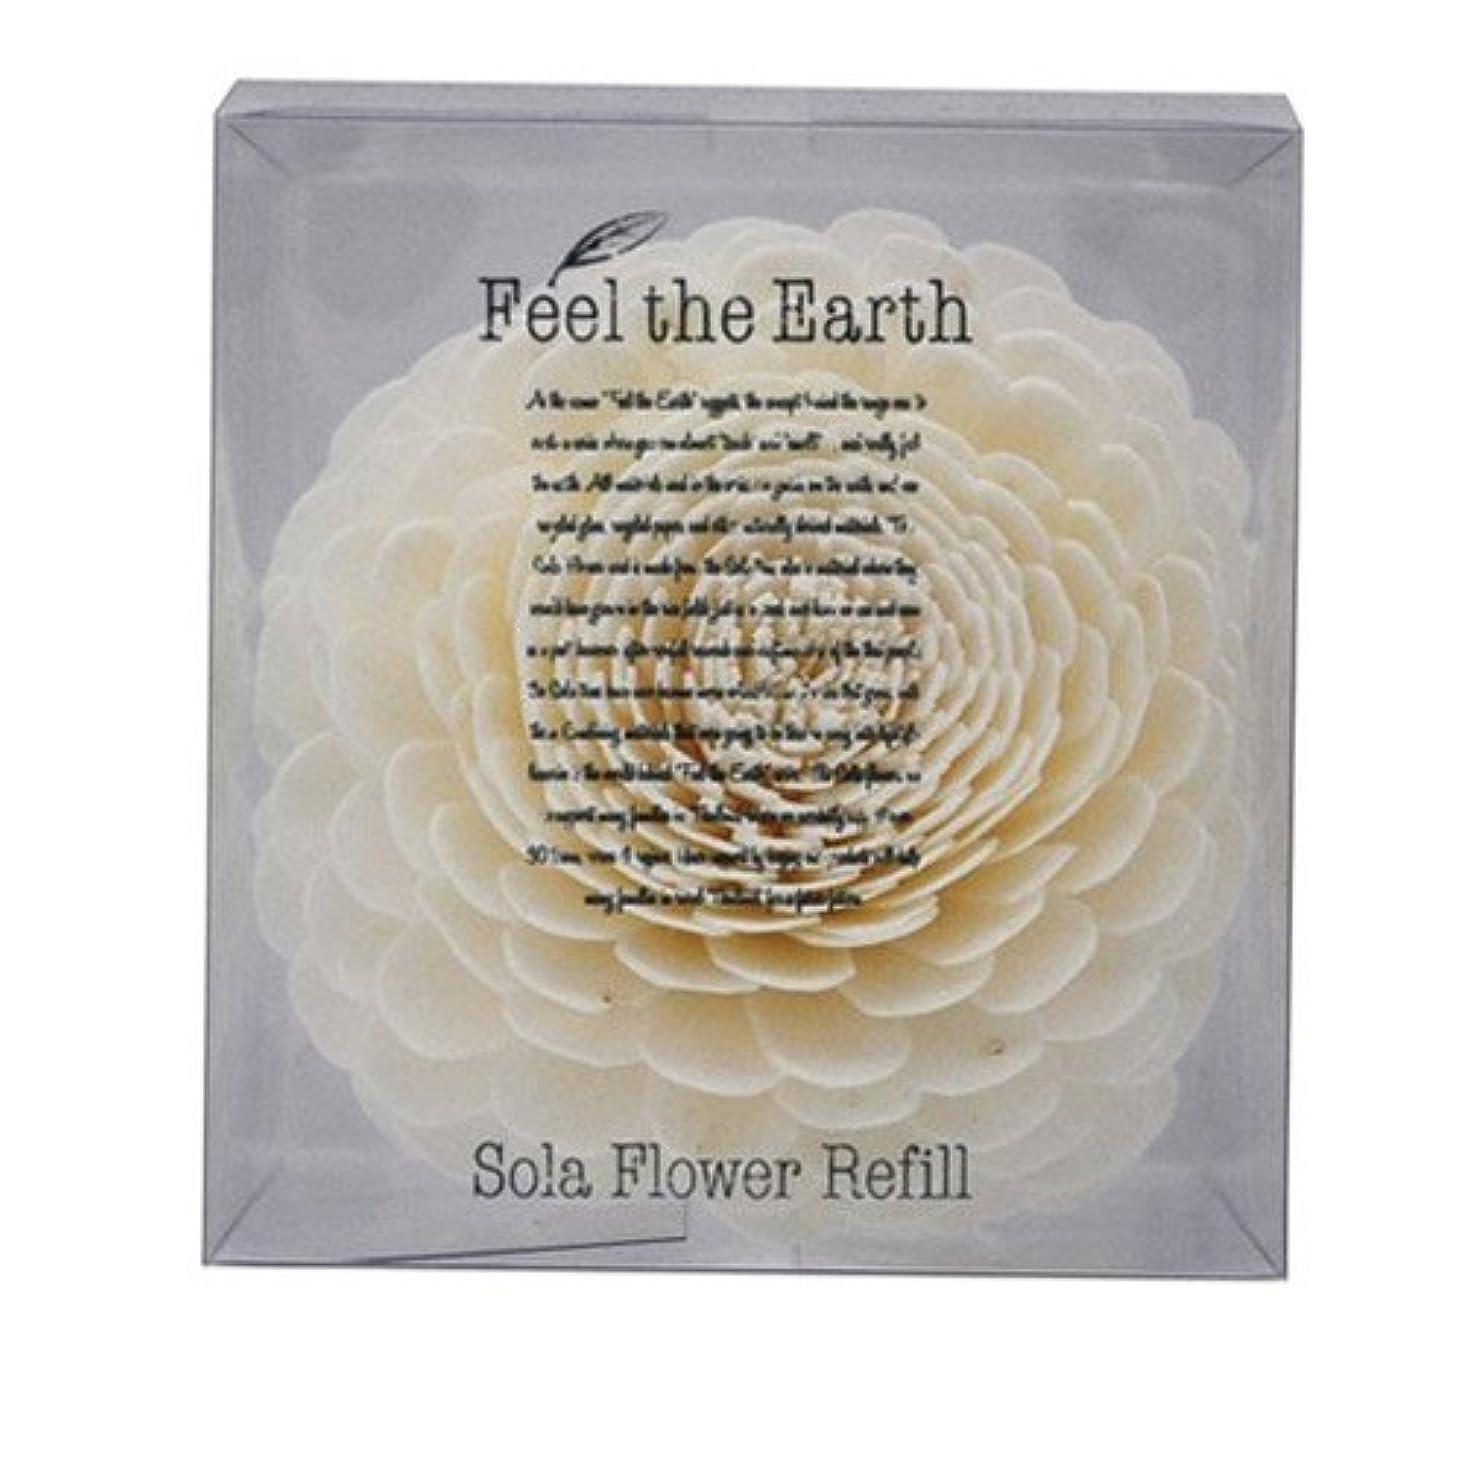 残忍なミトンきれいにFEEL THE EARTH ソラフラワー リフィル ダリア DAHLIA フィール ジ アース